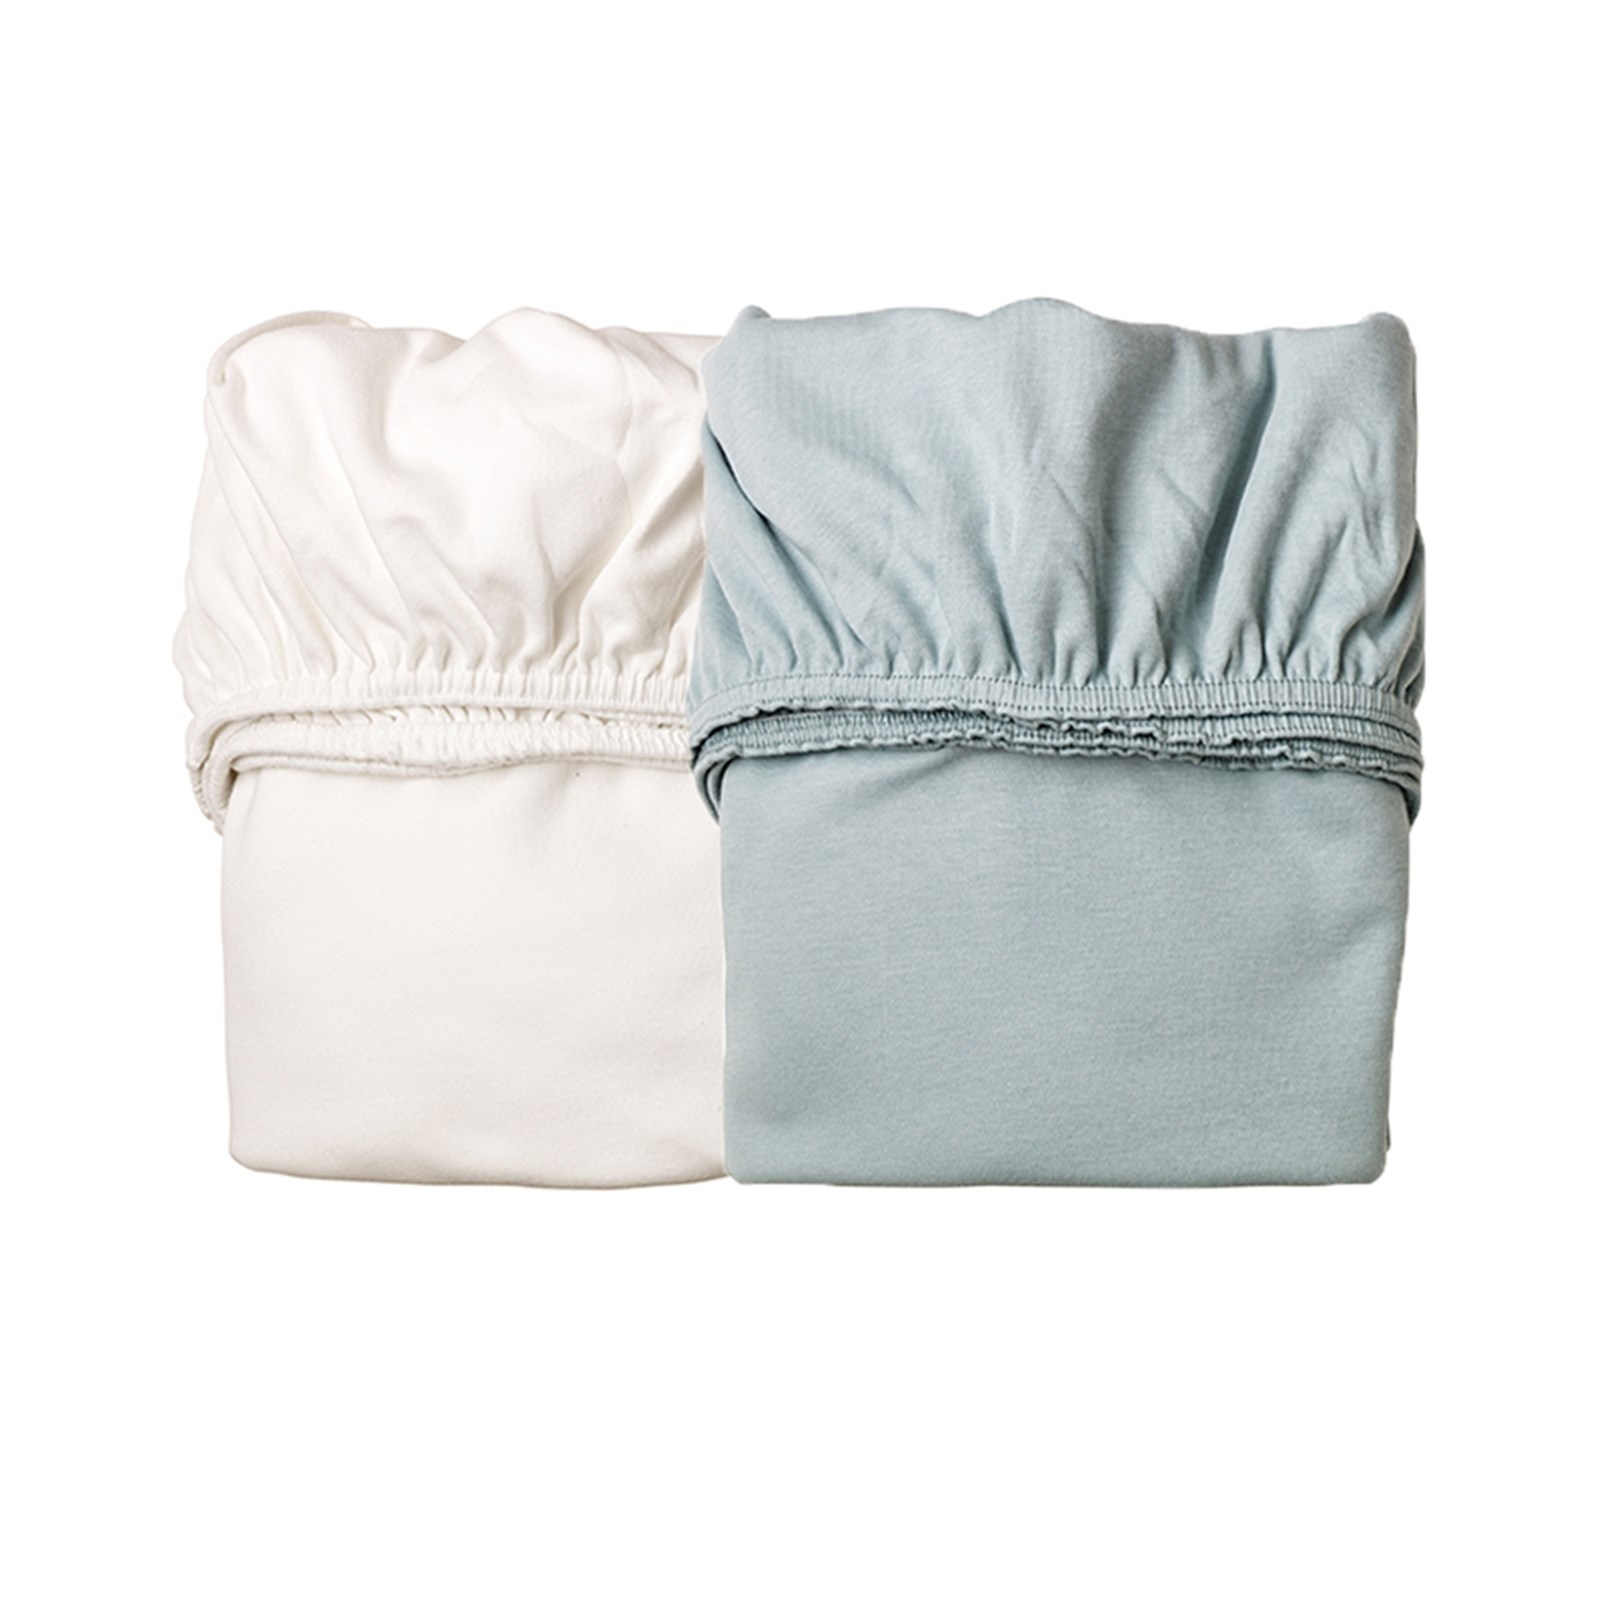 drap housse pour berceau leander bleu x2